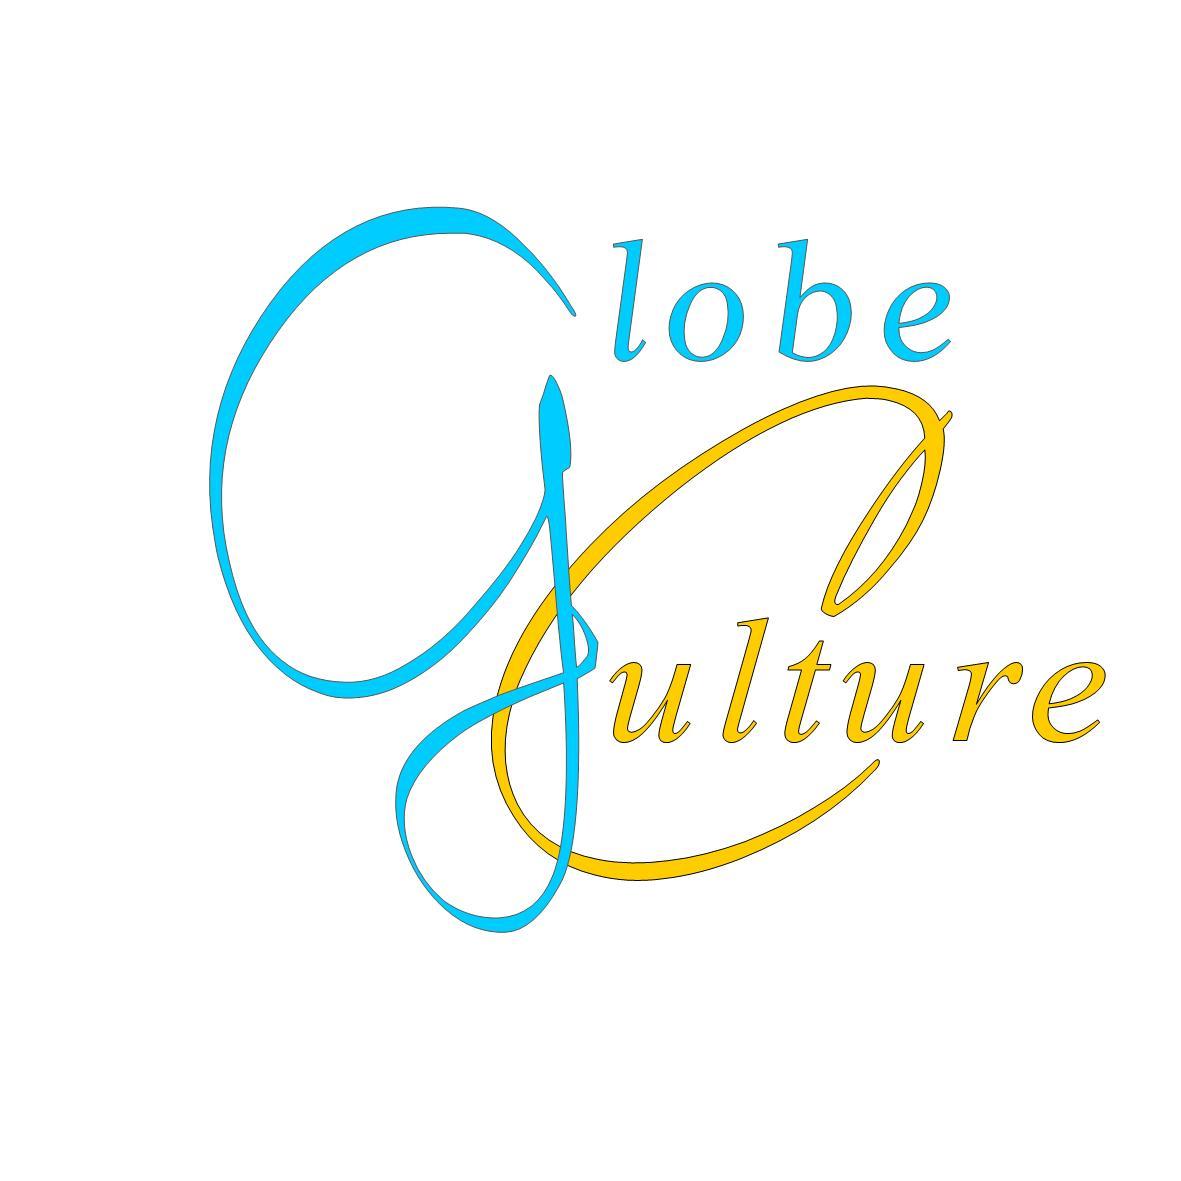 Globe culture